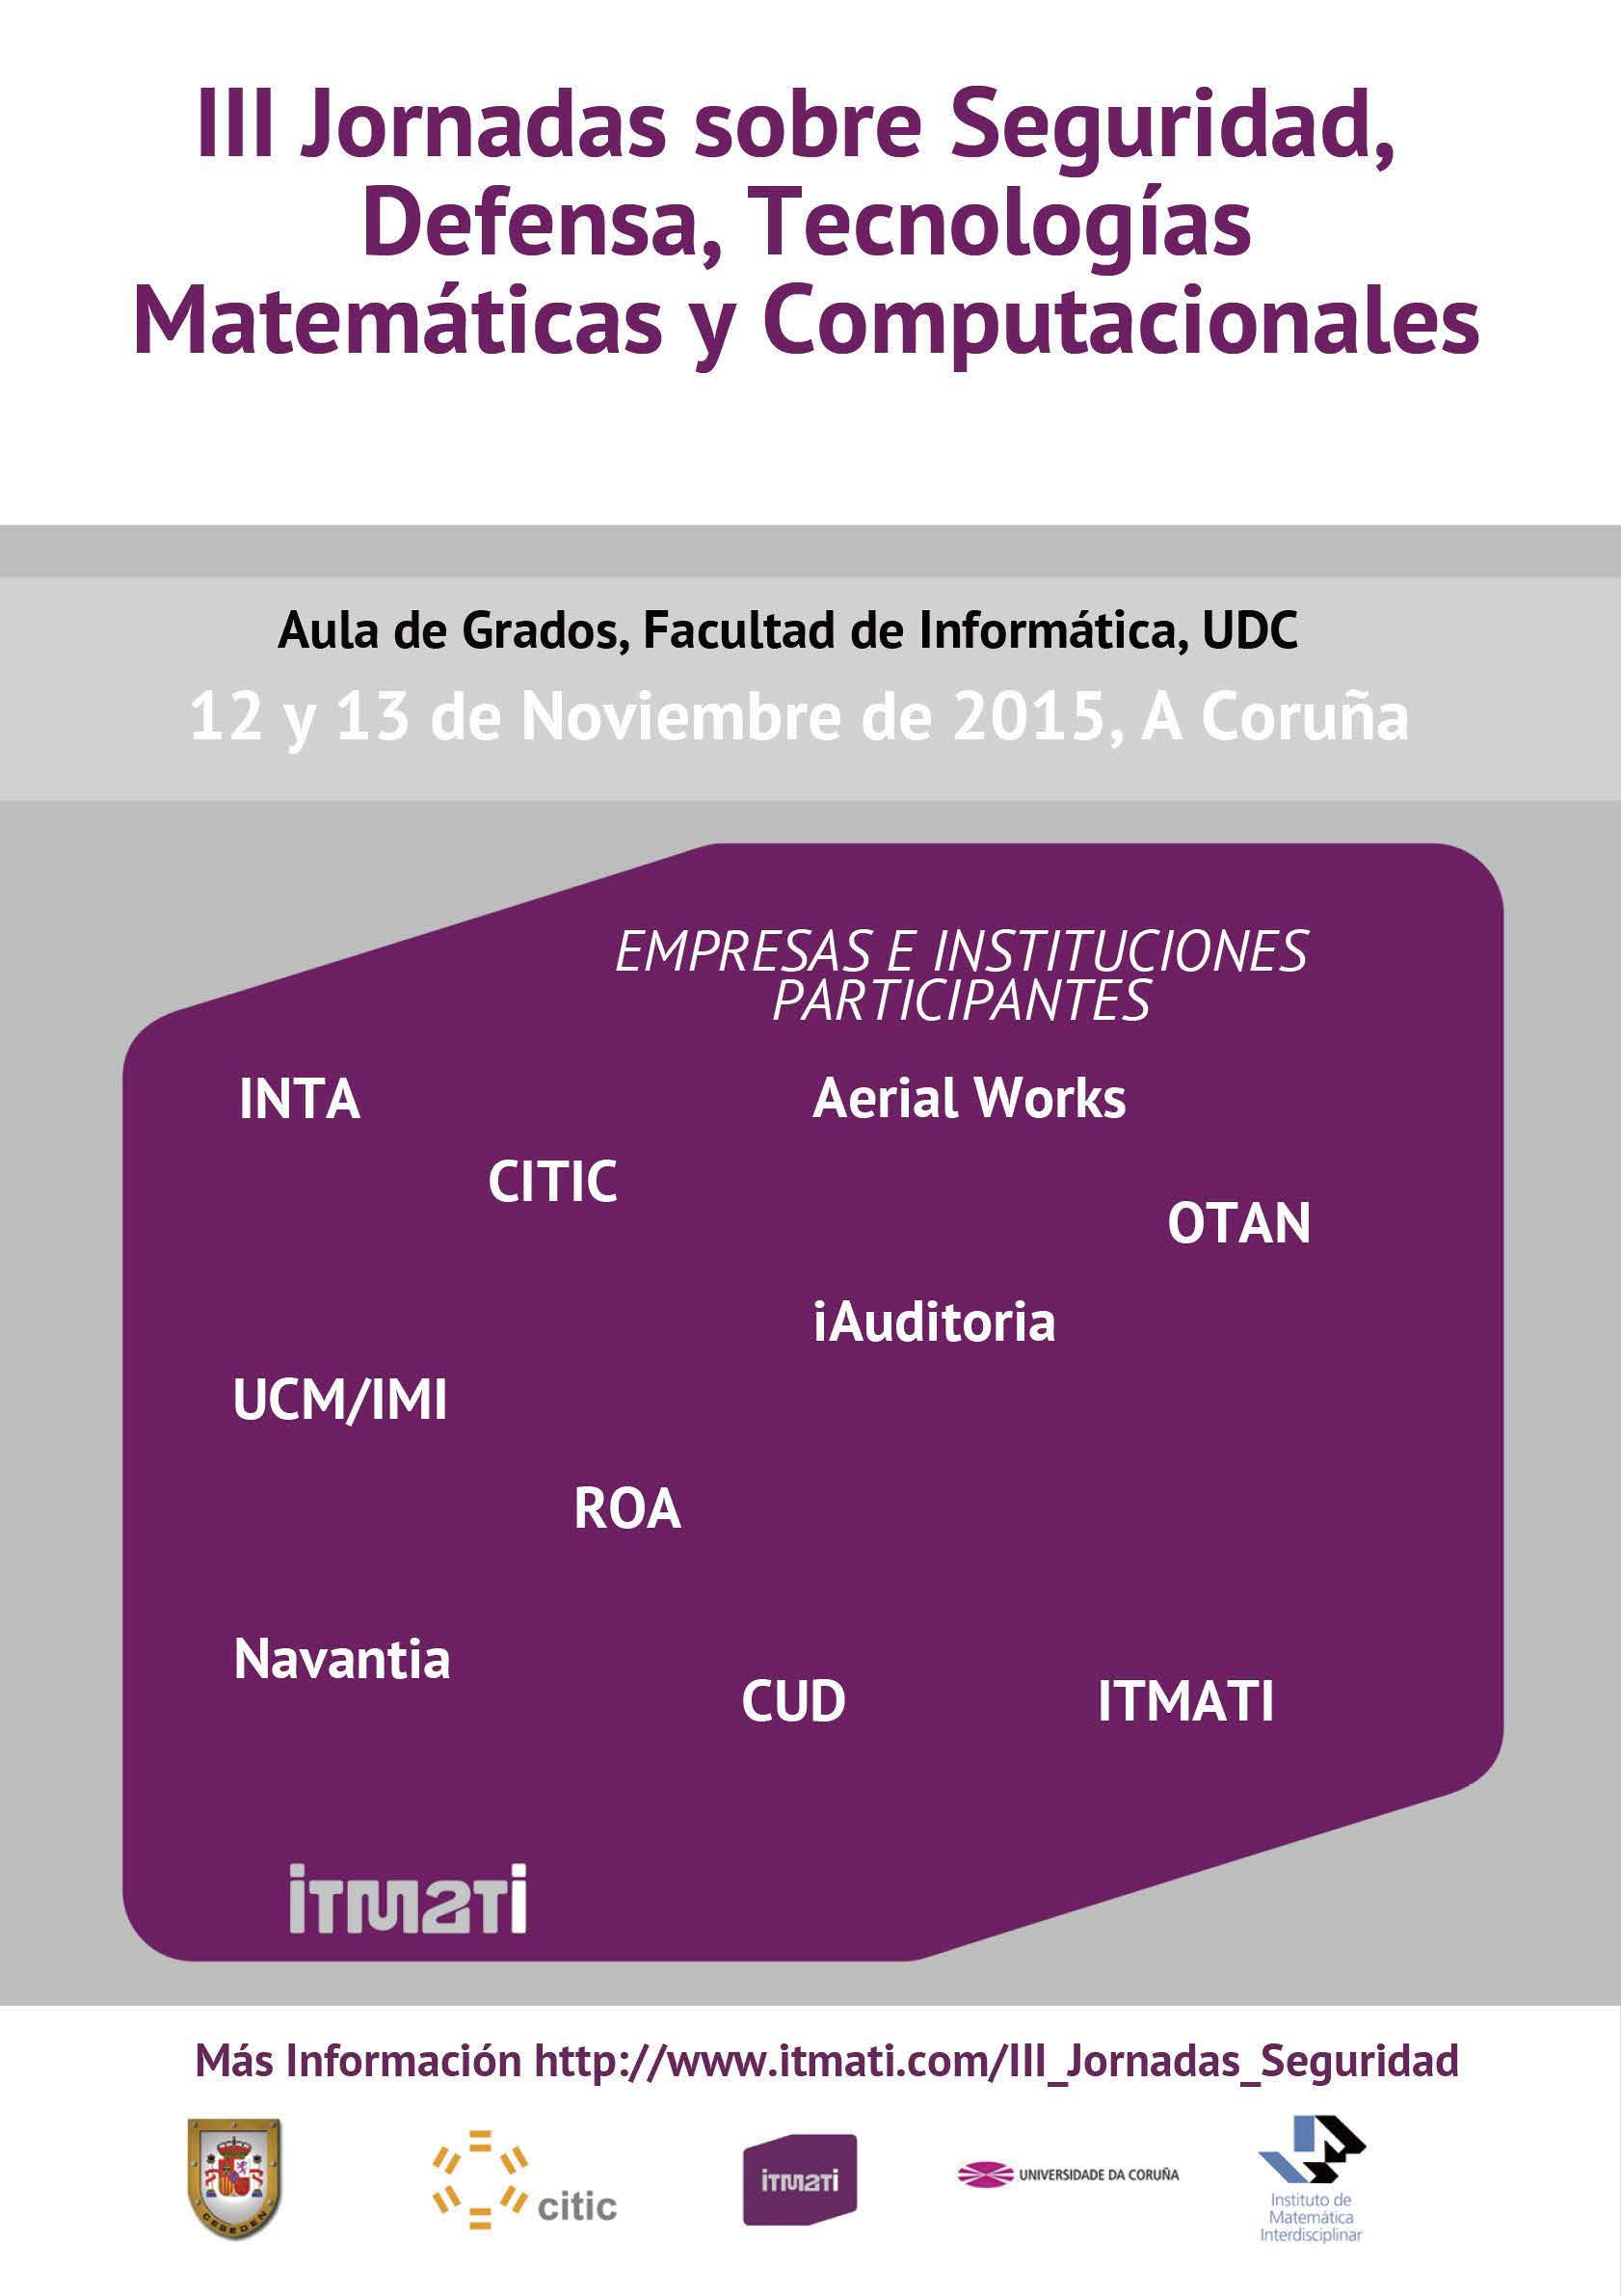 itmati, iii jornadas seguridad defensa tecnologías matemáticas computacionales